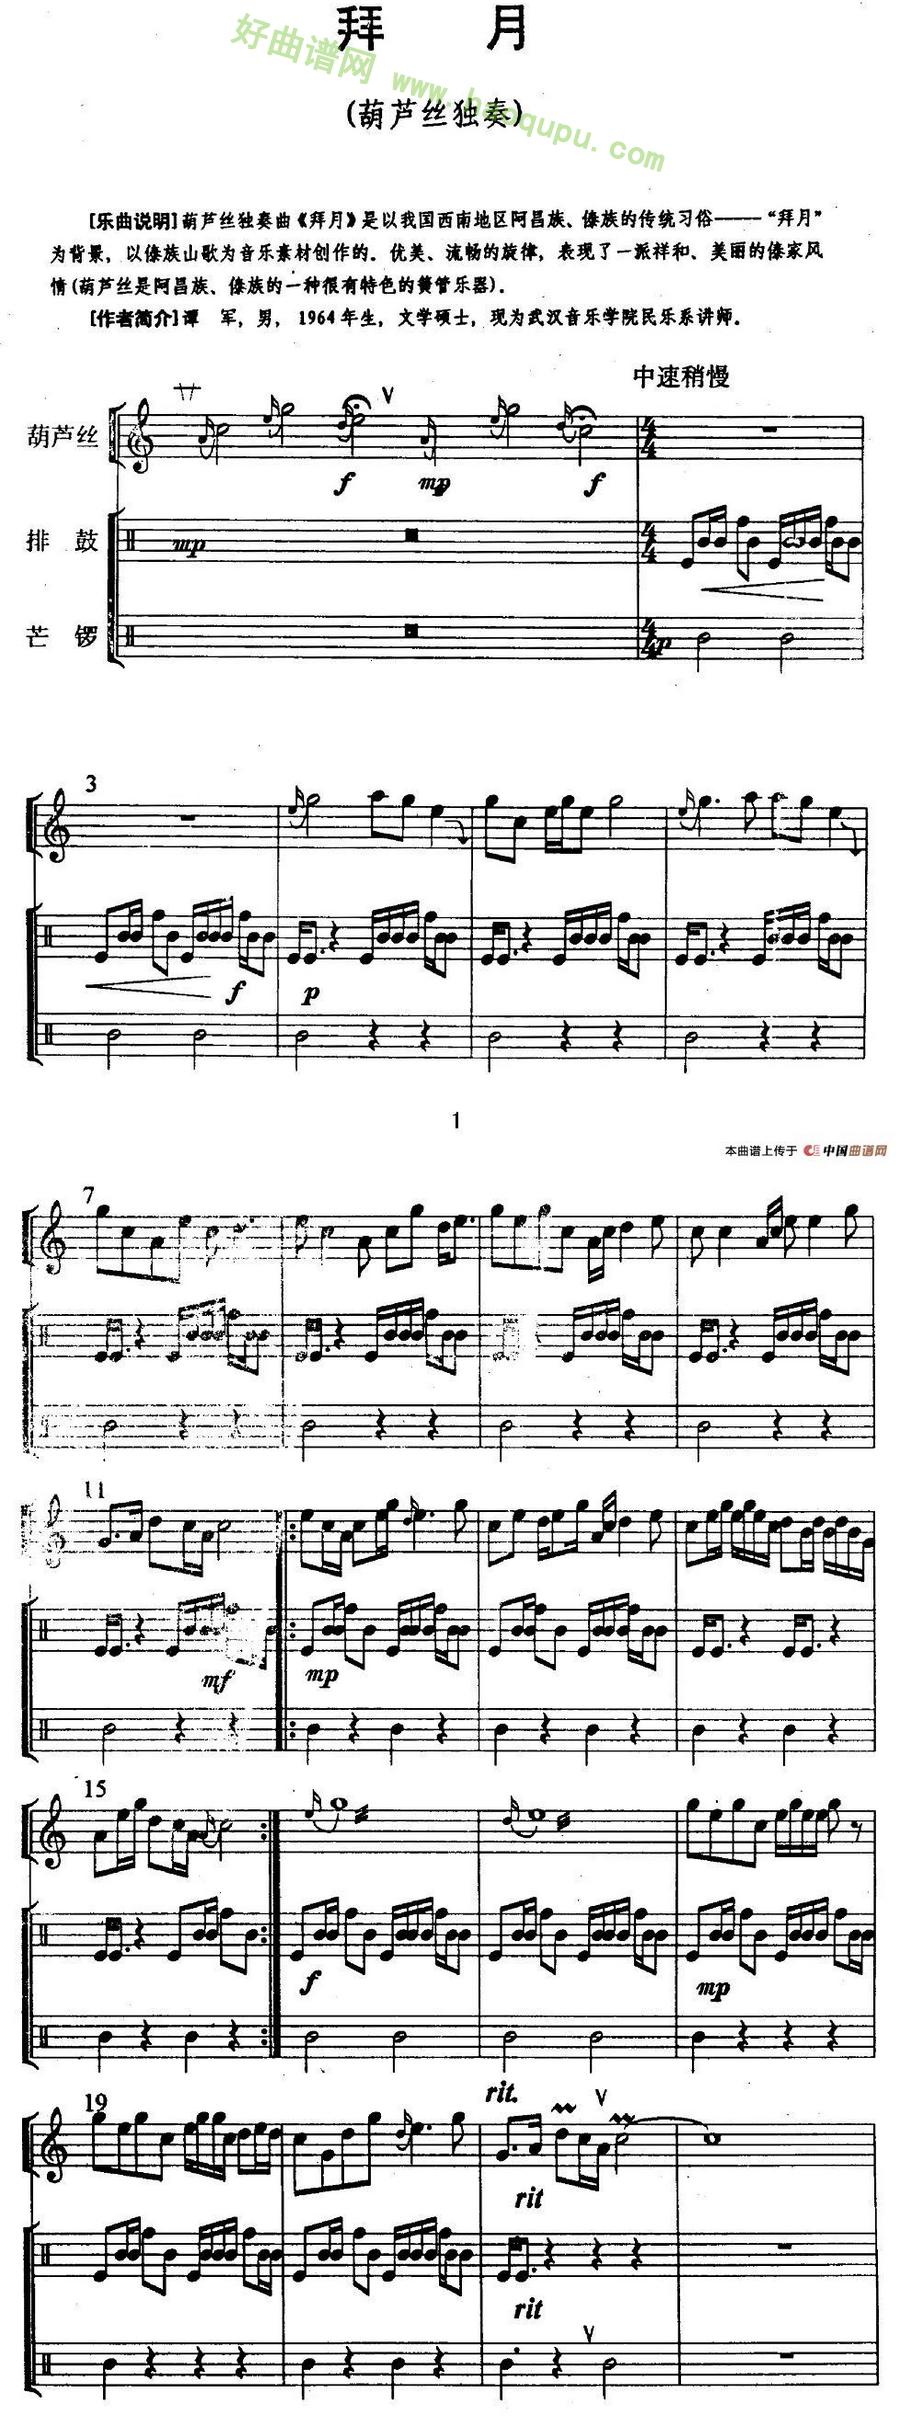 《拜月》葫芦丝曲谱第1张